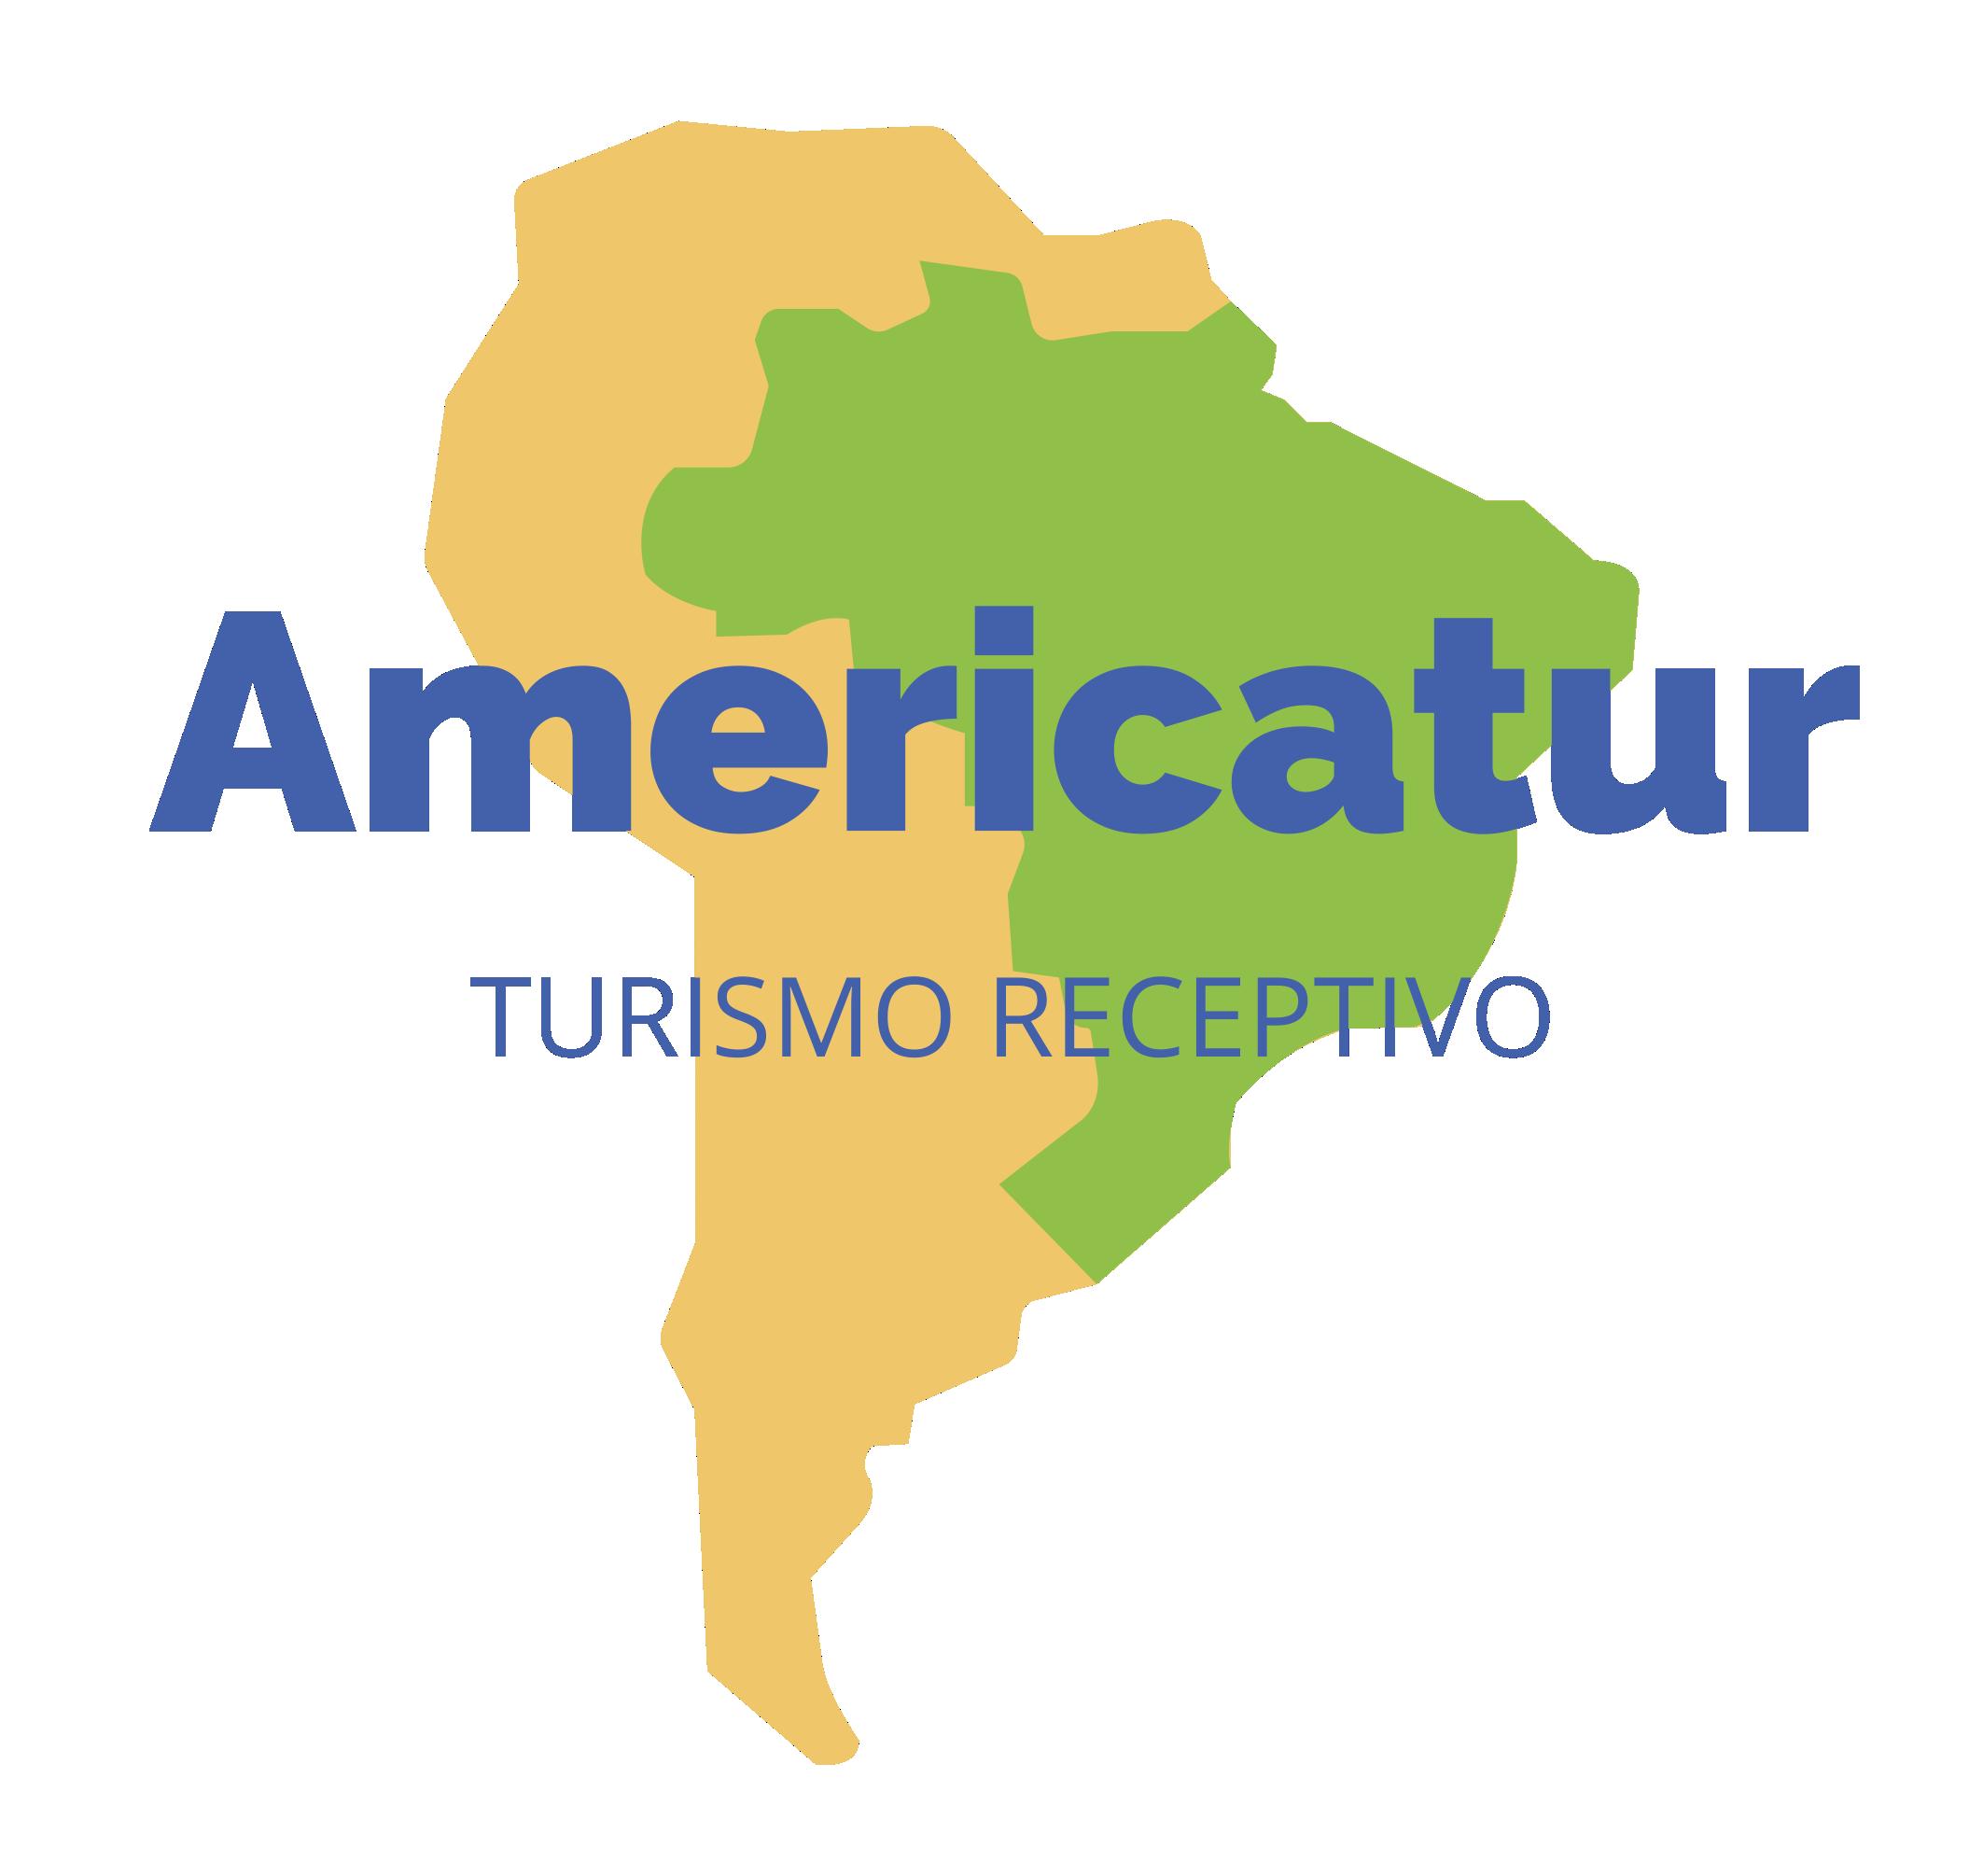 AmericaTur